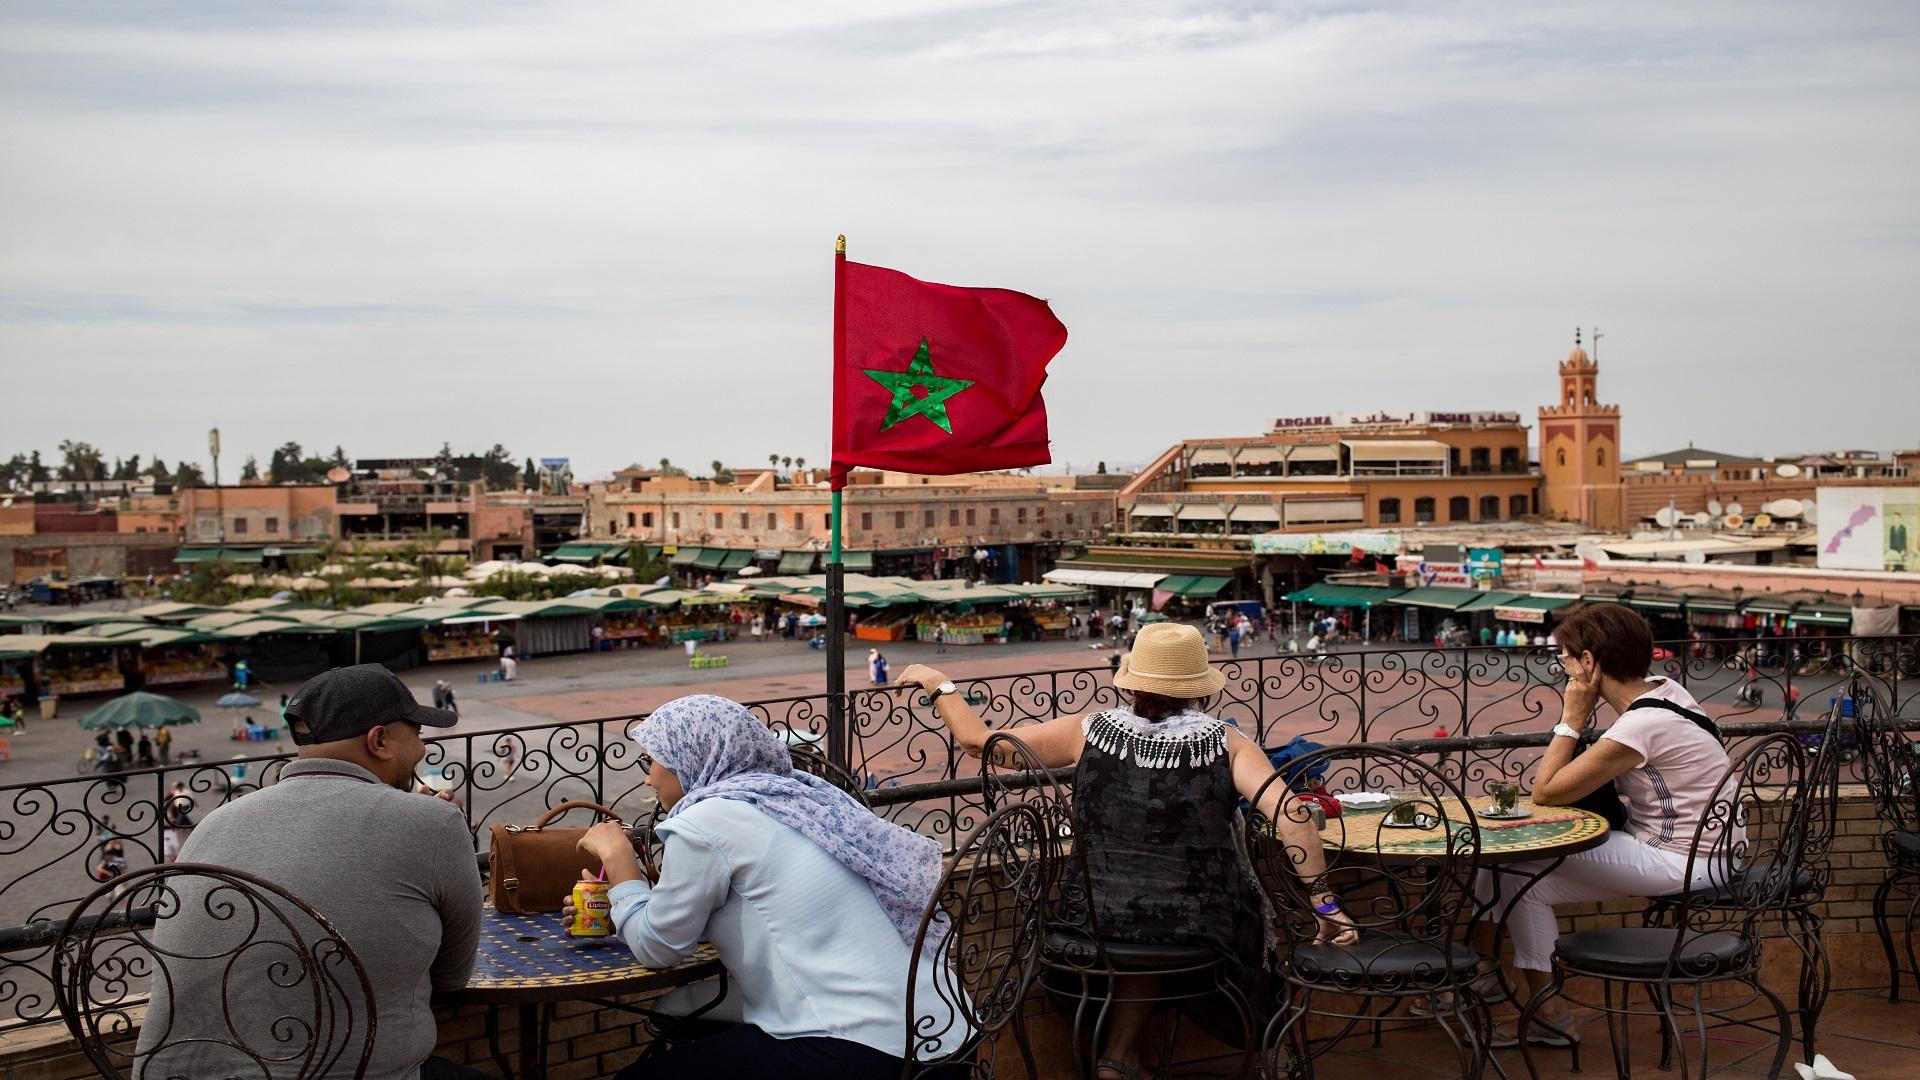 الاستجابة لأزمة كورونا: مؤشرات اقتصادية تضع المغرب من بين البلدان الرائدة في أفريقيا و الشرق الأوسط